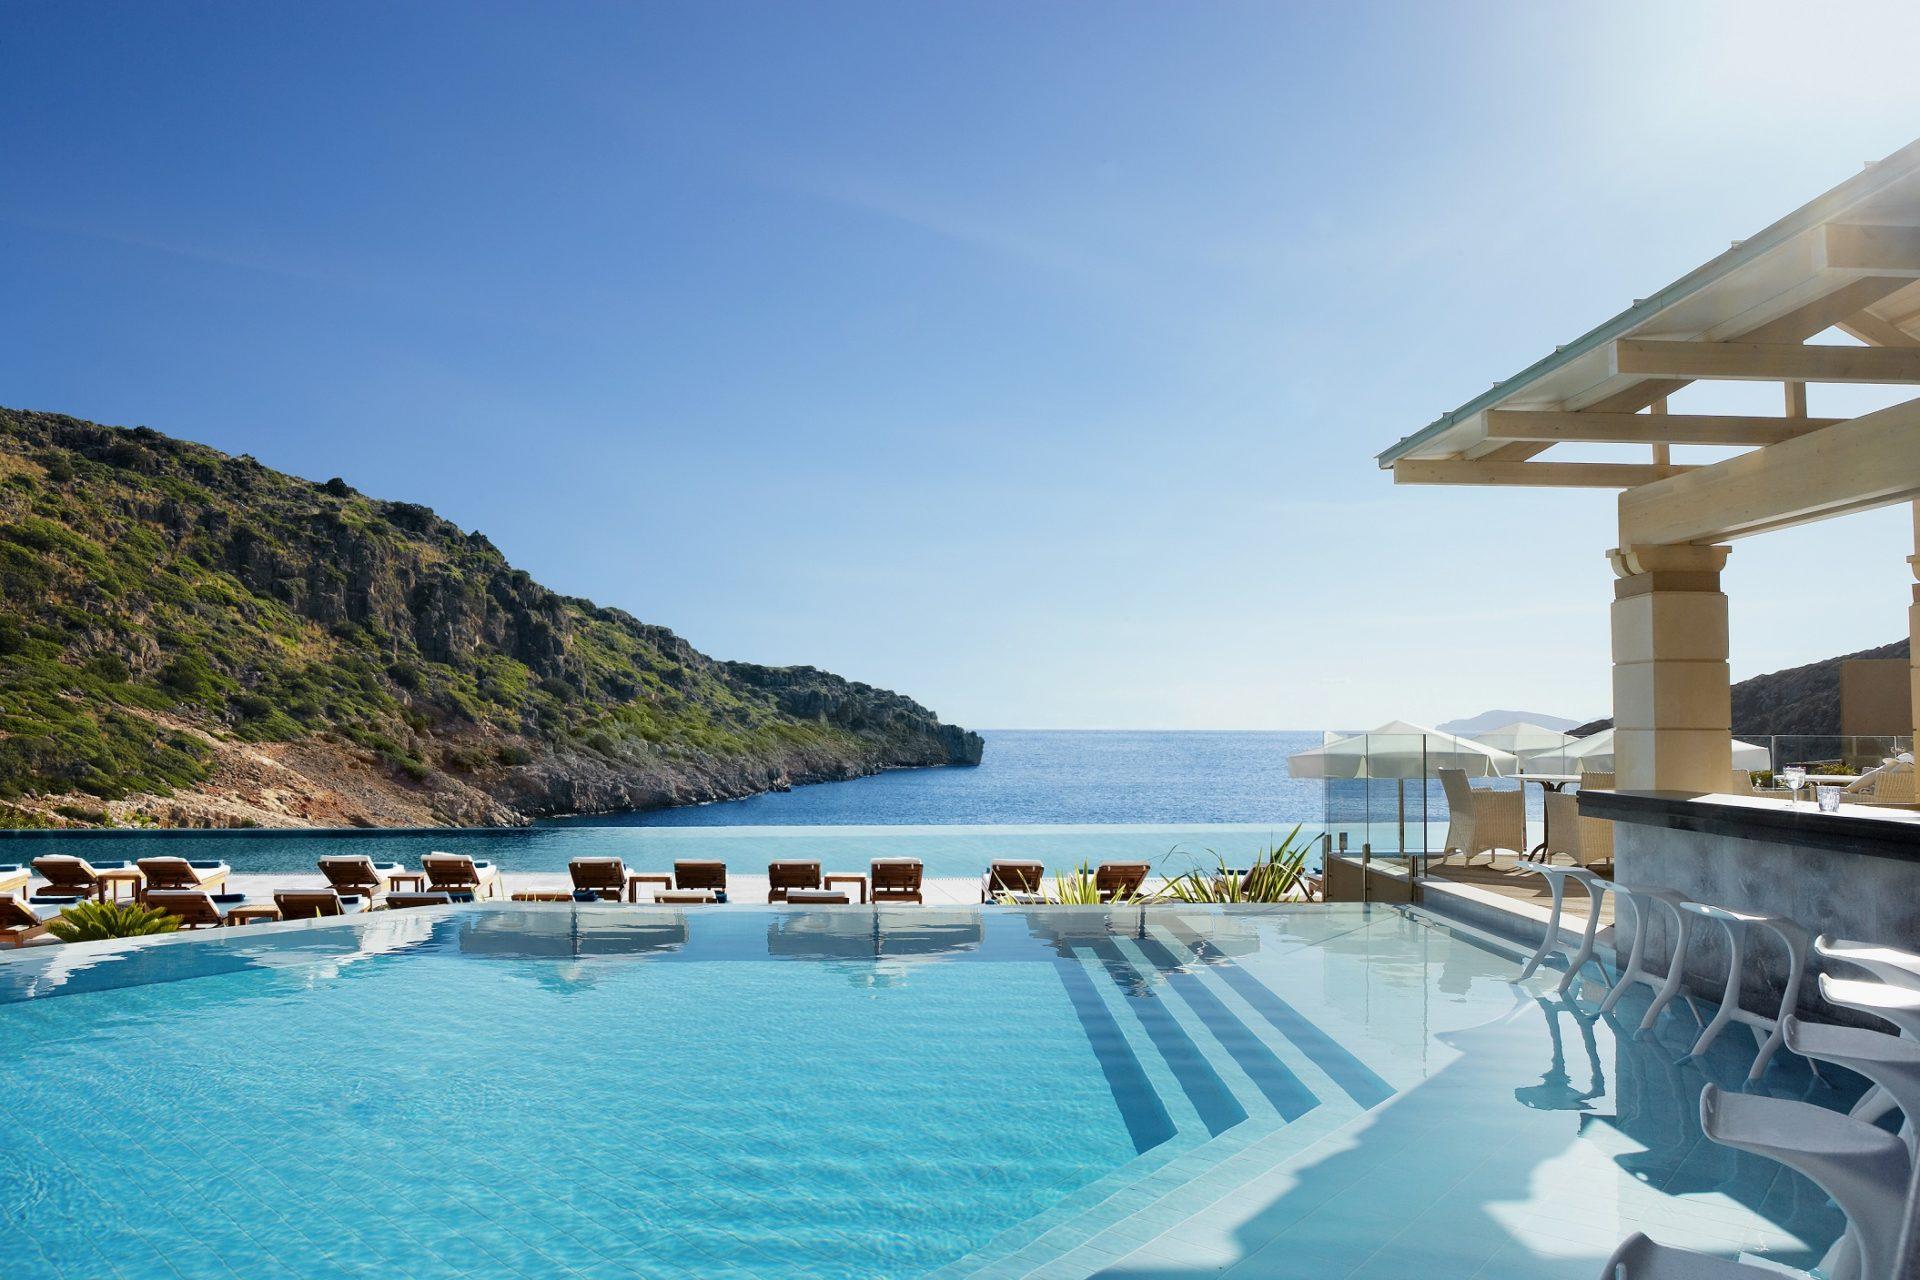 Отдых на высшем уровне! Daios Cove представляет новый сервис Residents' Club